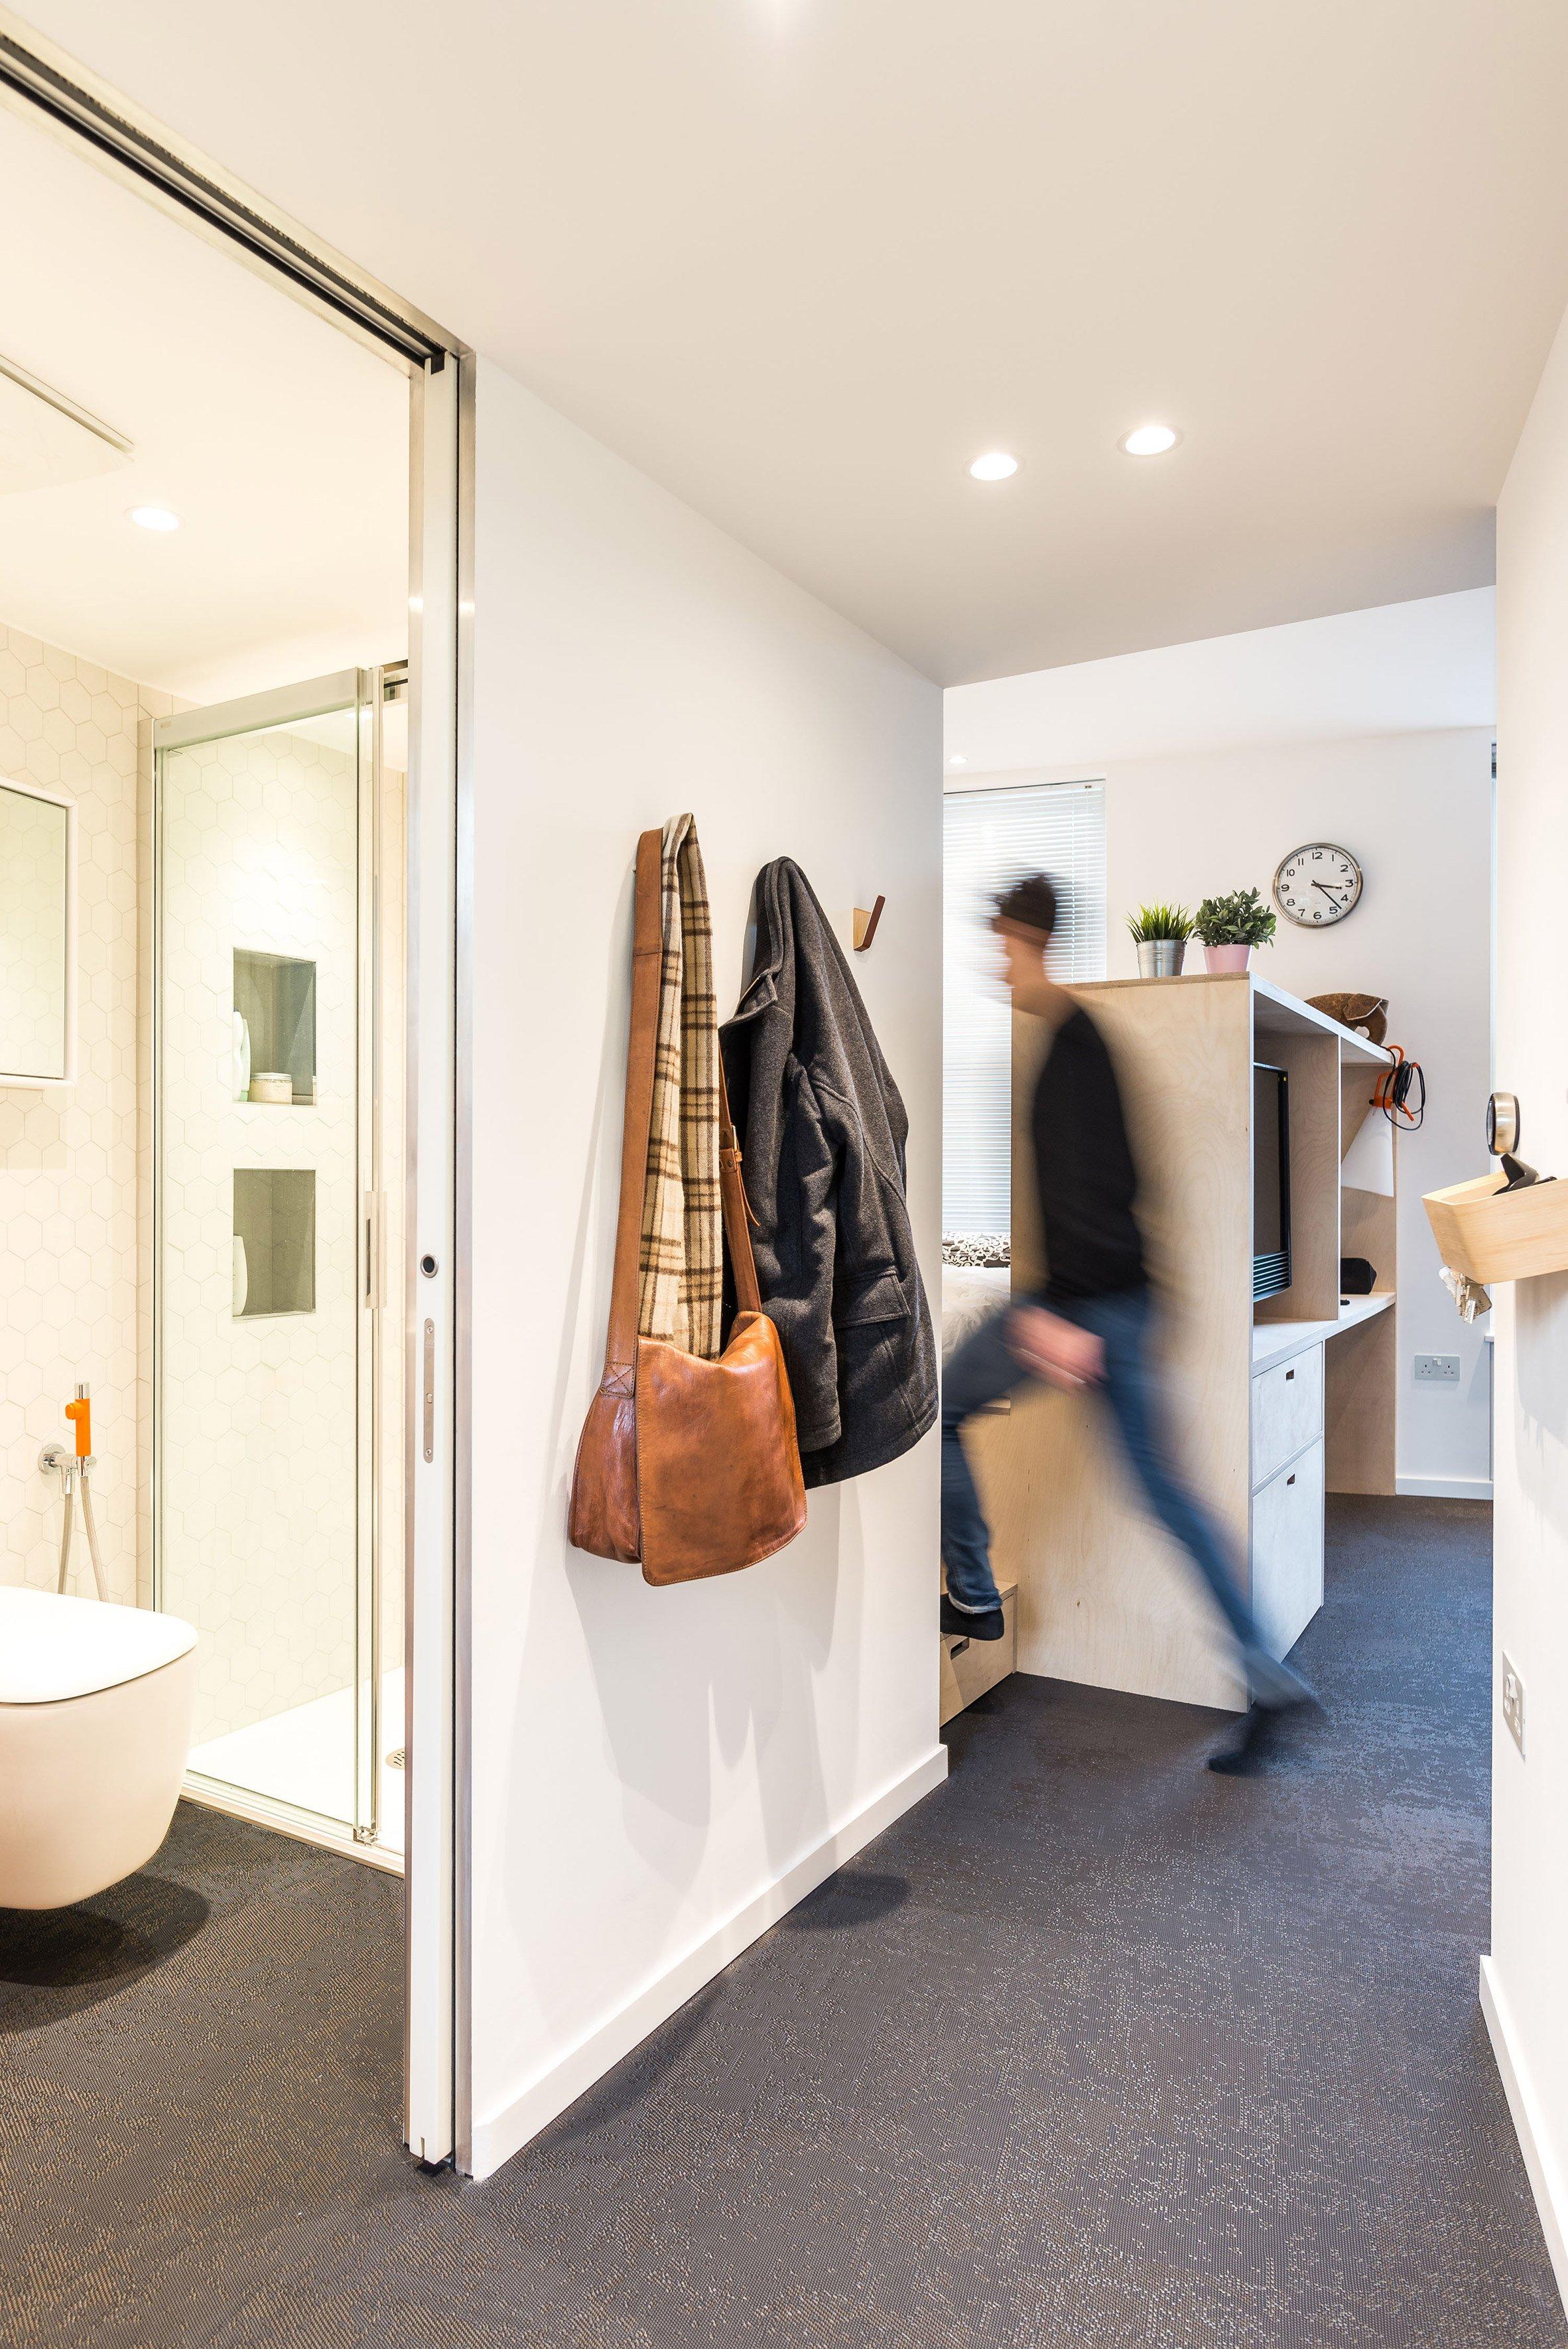 kleine slaapkamer creatief inrichten met veel kastruimte